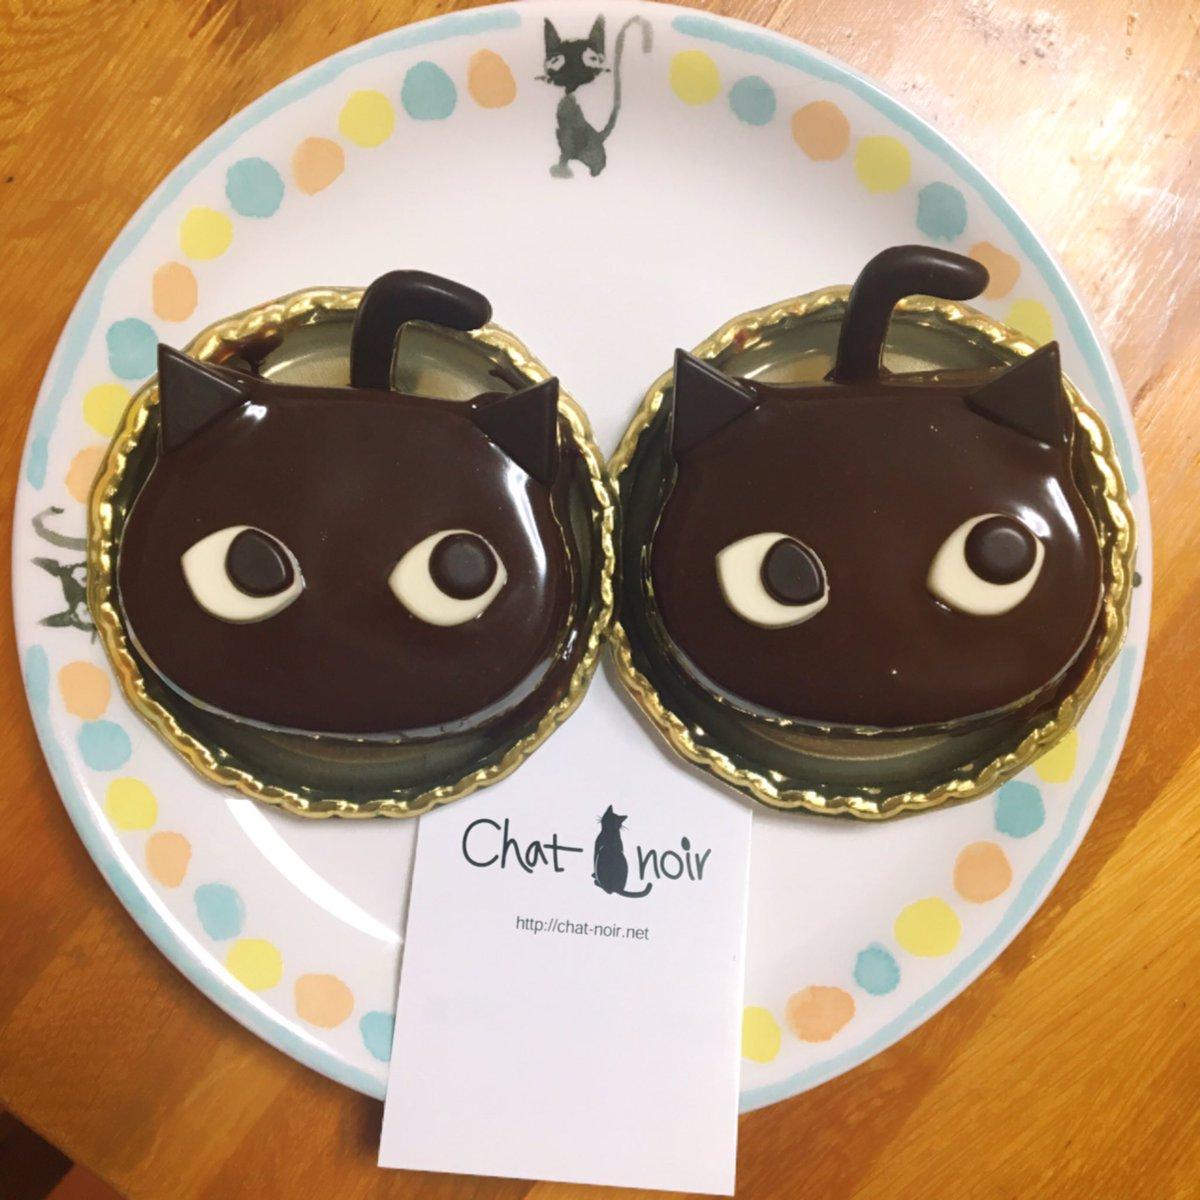 大阪の「シャノワール」!黒猫ケーキがかわいすぎてやばいwww